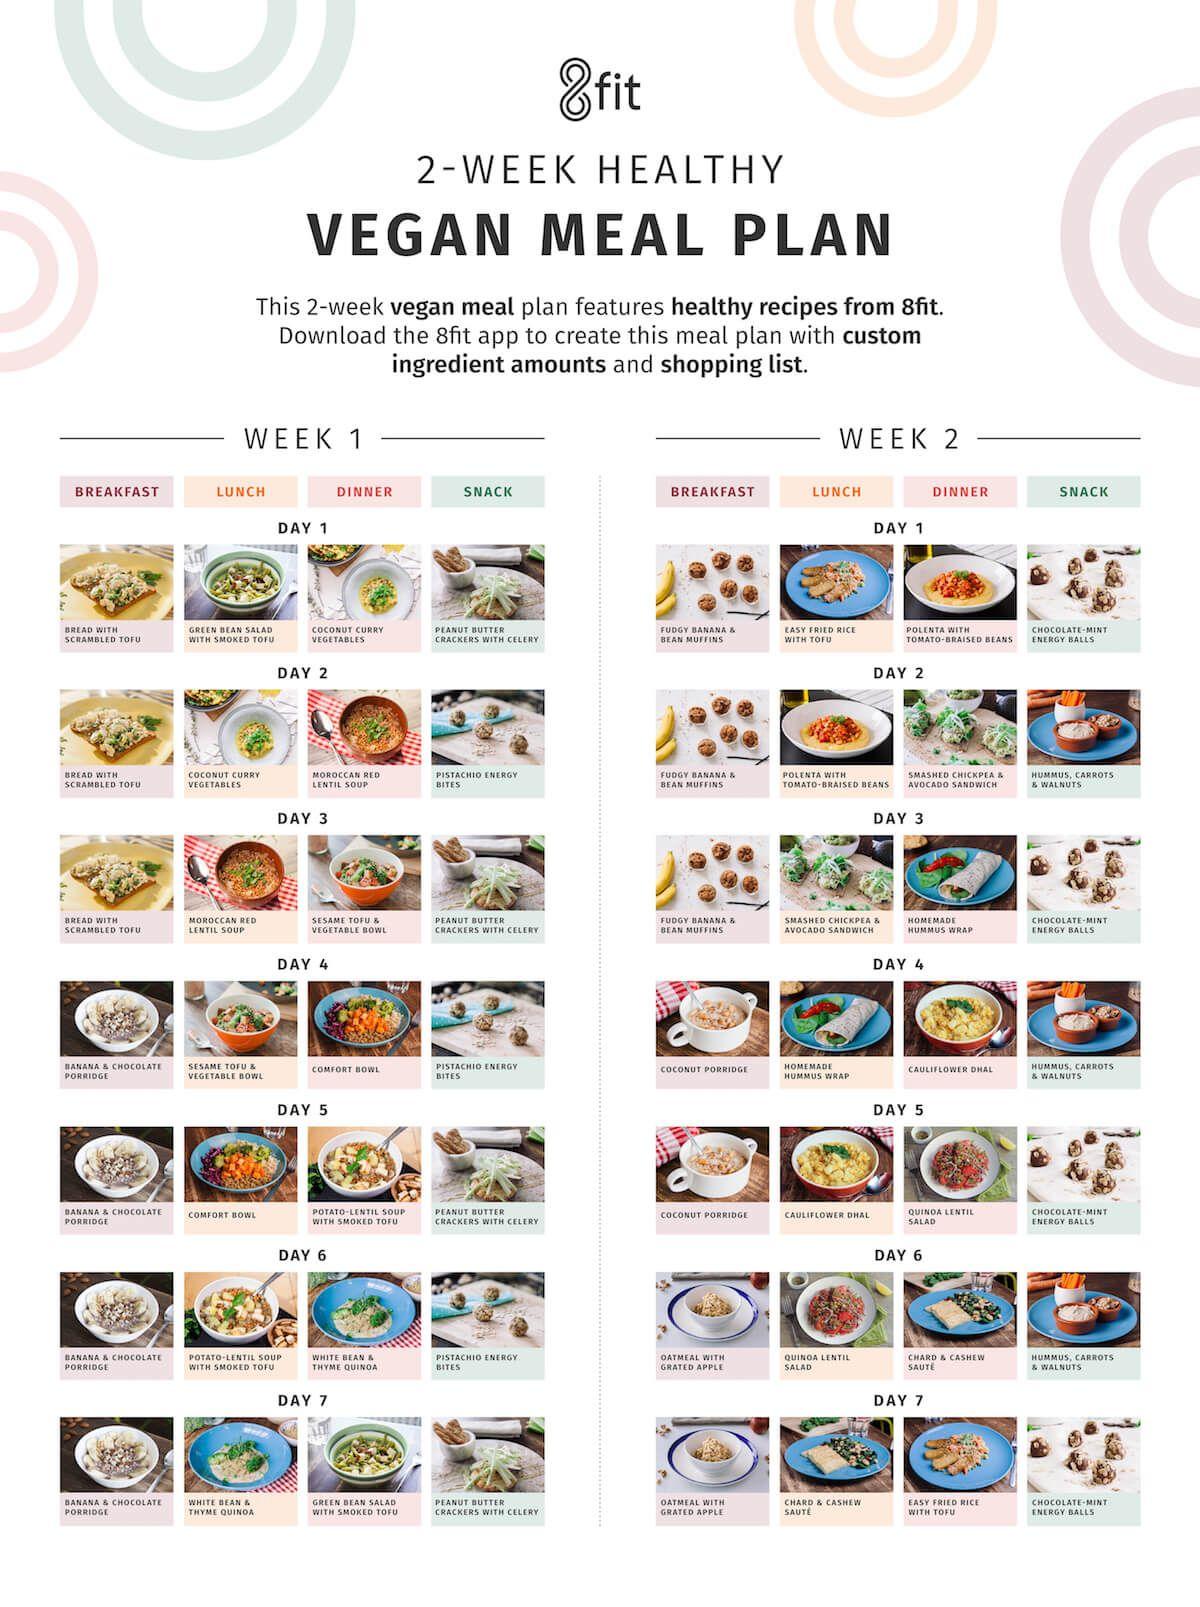 Tasty Healthy Vegan Meal Plan Plant Based Healthy Happy Smart Vegan Recipes Healthy Vegan Meal Plans Vegan Foods